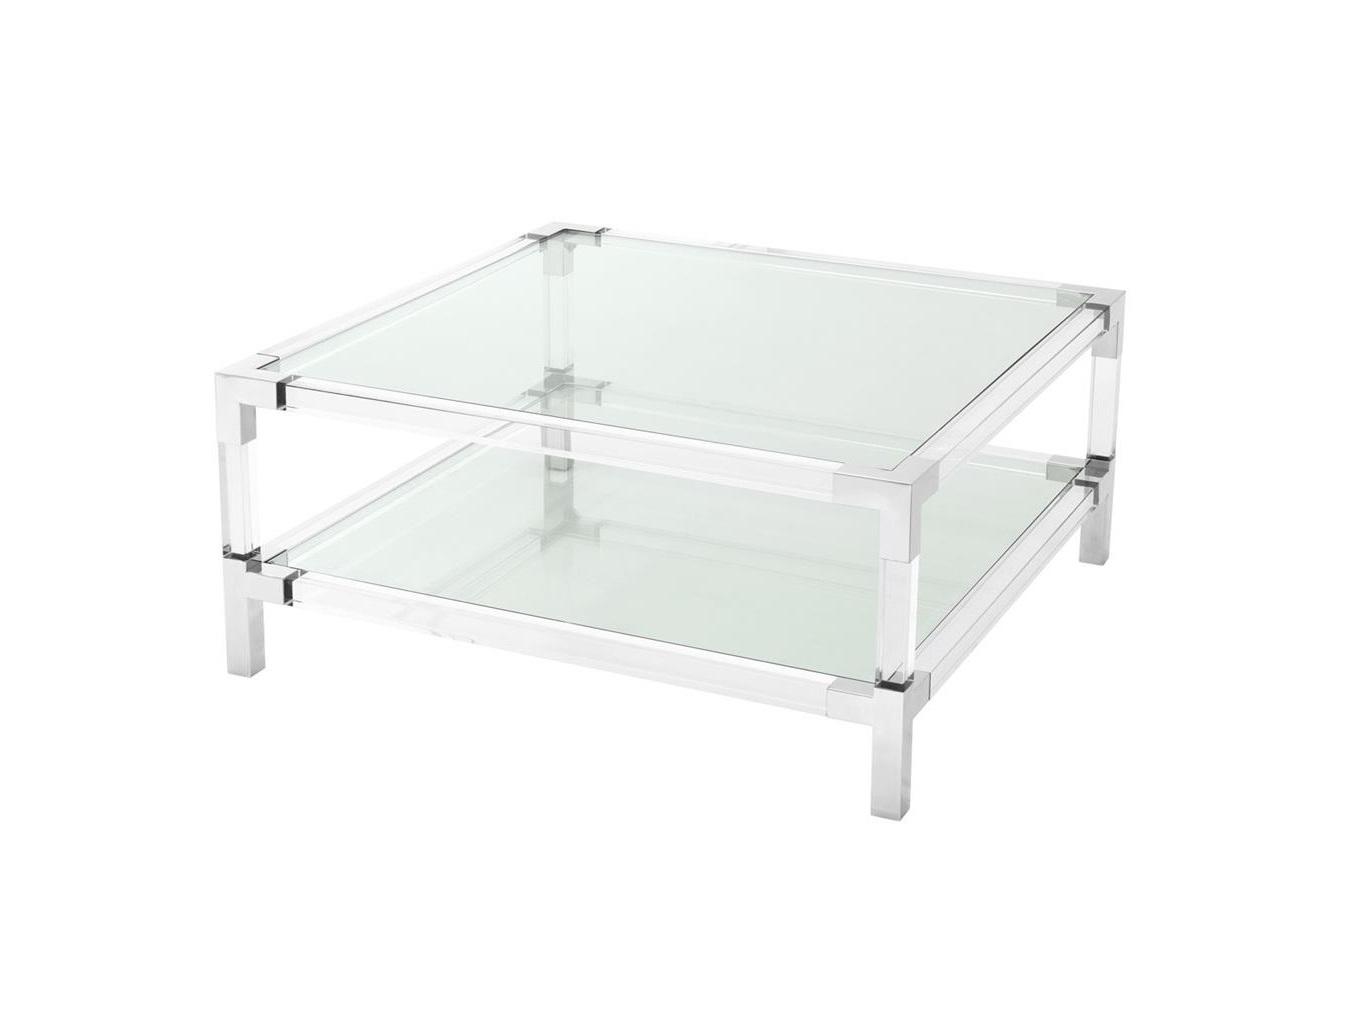 Журнальный столик RoyaltonЖурнальные столики<br>Журнальный столик Royalton с каркасом из полированной нержавеющей стали.&amp;amp;nbsp;&amp;lt;div&amp;gt;Столешница и полка выполнены из прозрачного стекла.&amp;lt;/div&amp;gt;<br><br>Material: Стекло<br>Ширина см: 100.0<br>Высота см: 45.0<br>Глубина см: 100.0